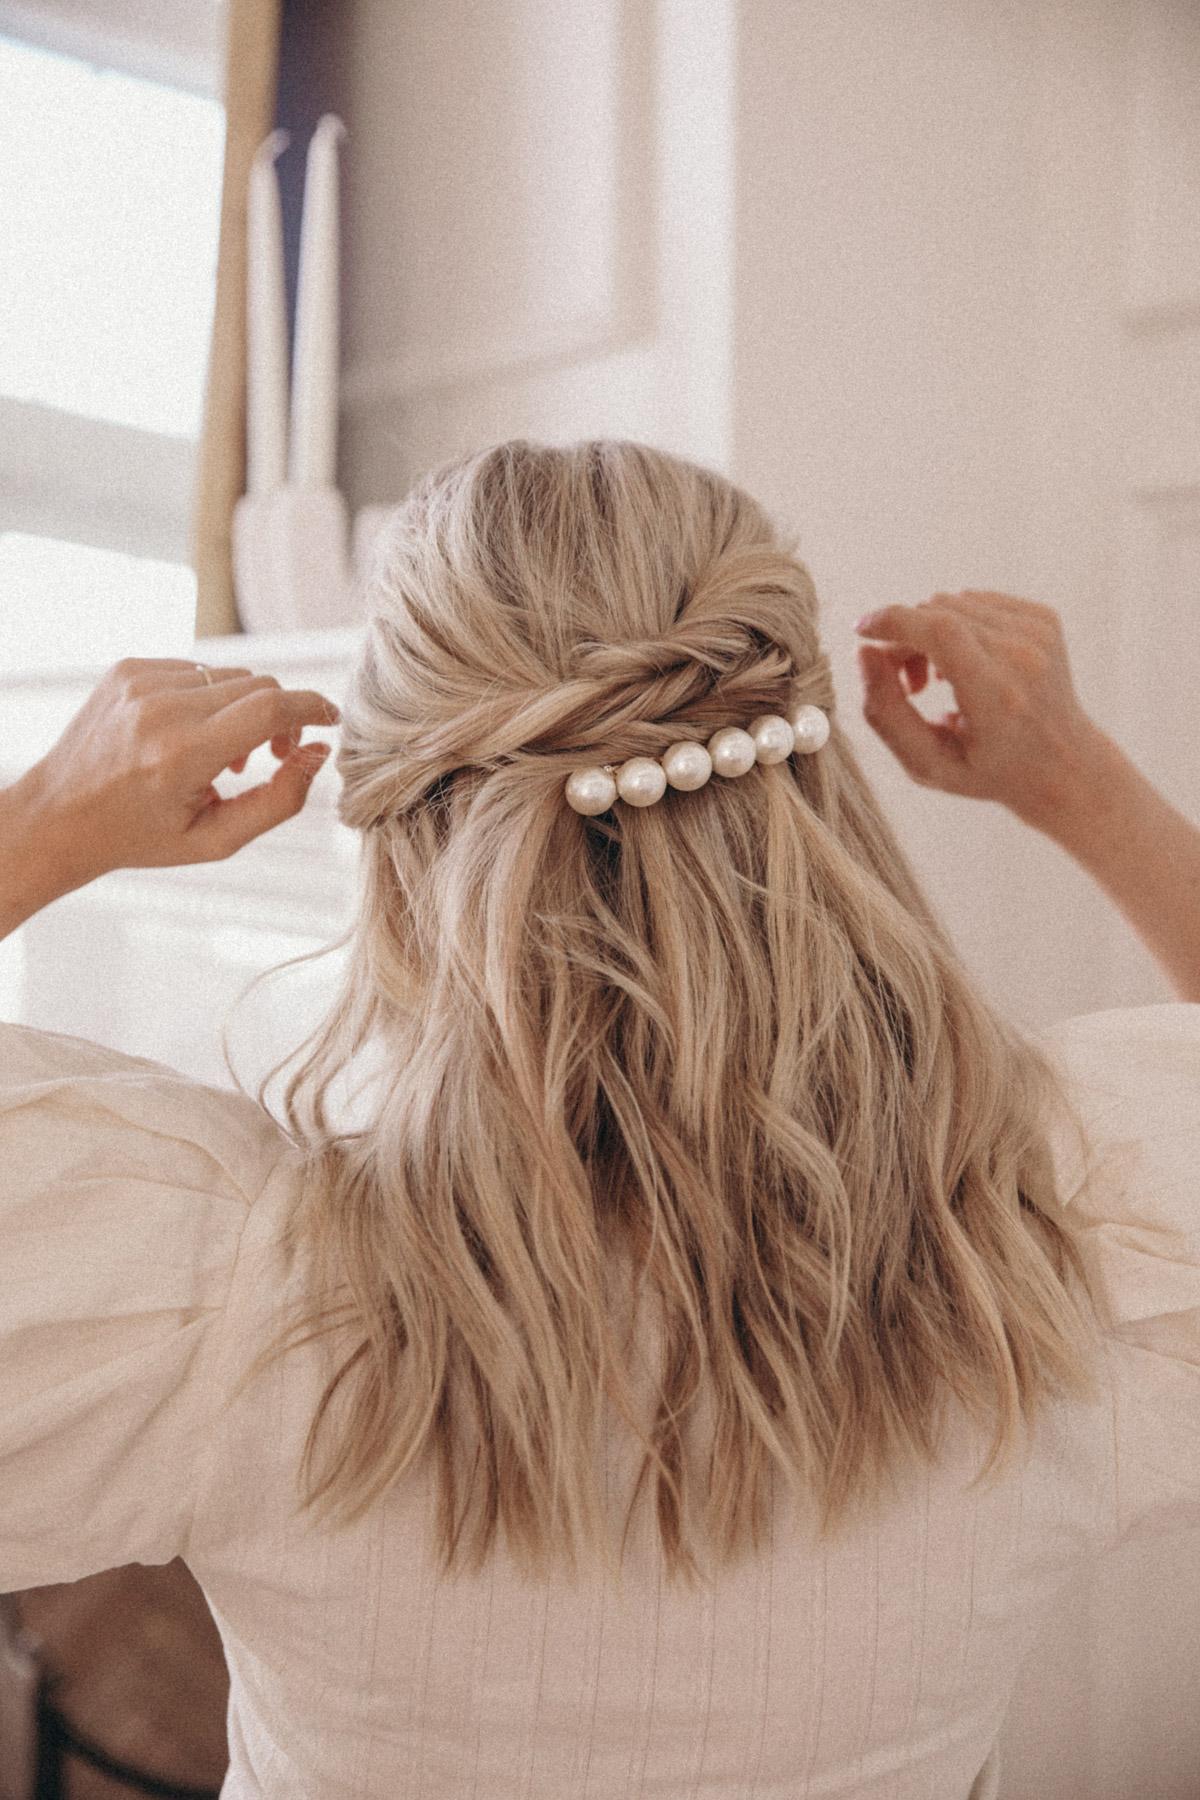 kẹp tóc ngọc trai và tóc xoăn màu vàng